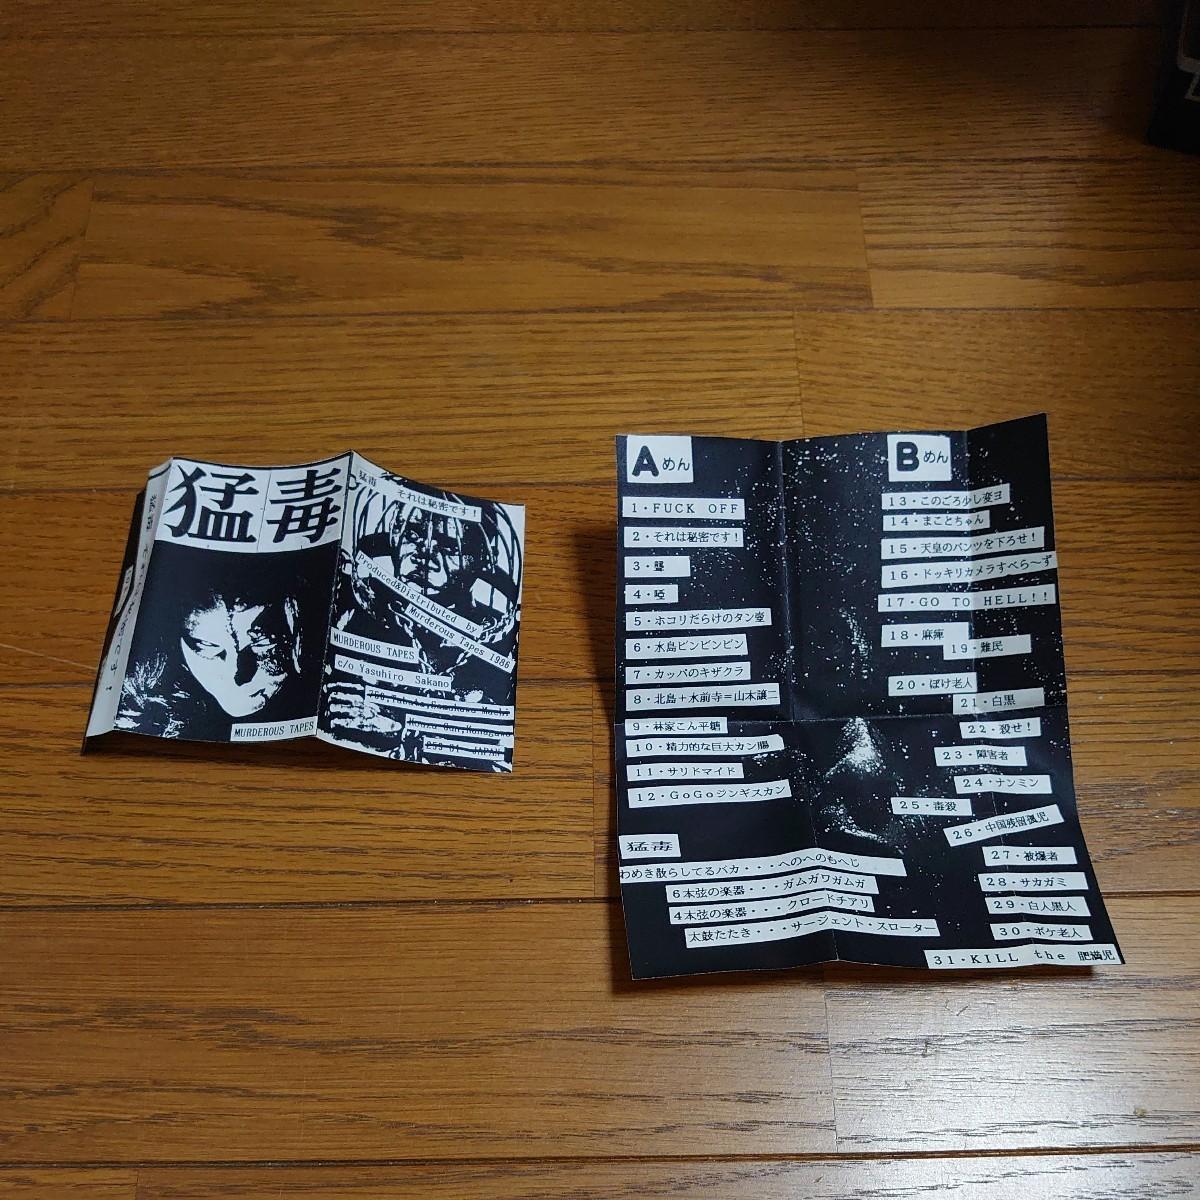 カセットテープ、ソノシート 猛毒 3点セット 殺害塩化ビニール